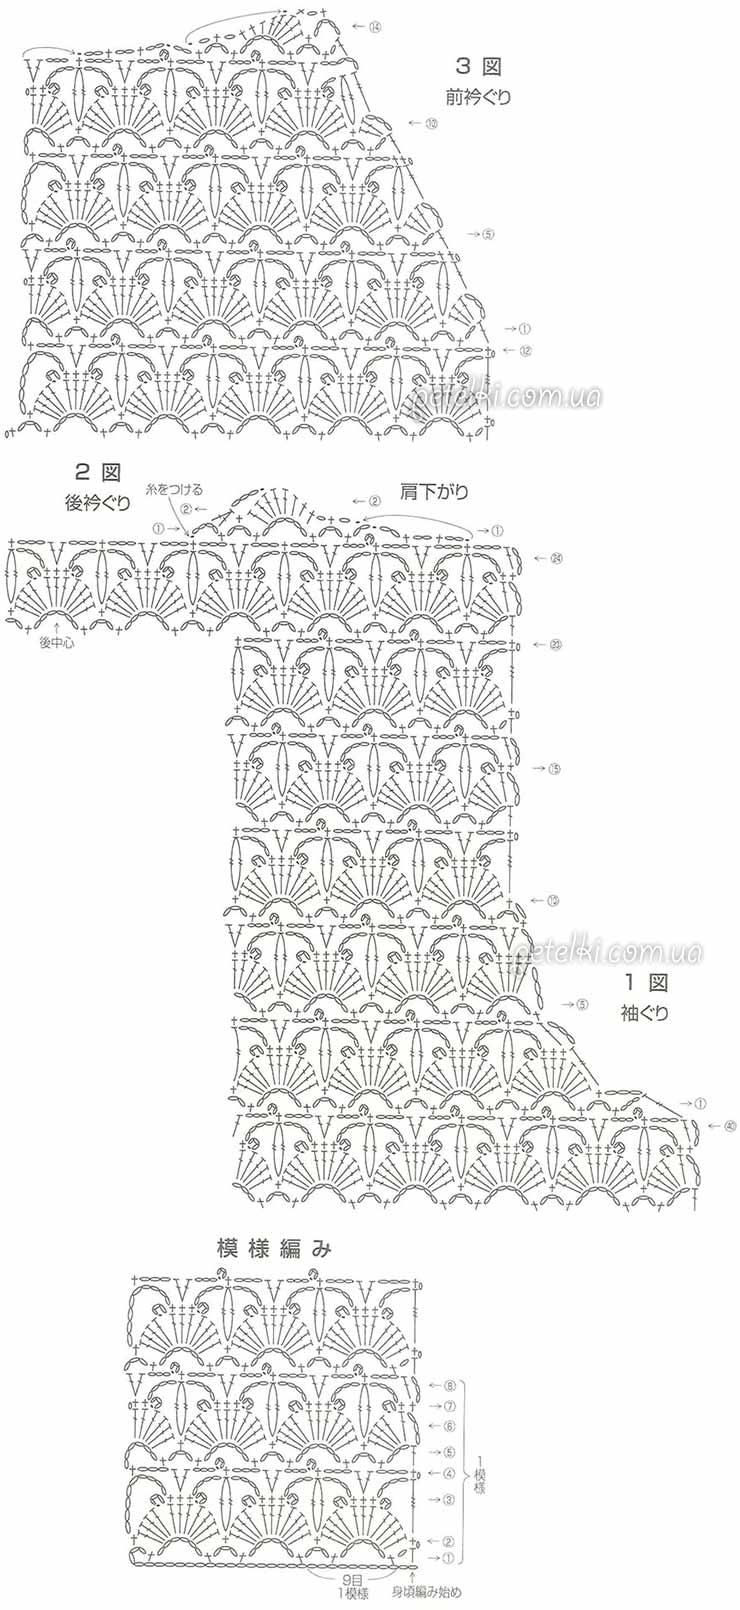 элегантный кружевной жакет крючком схемы вязания